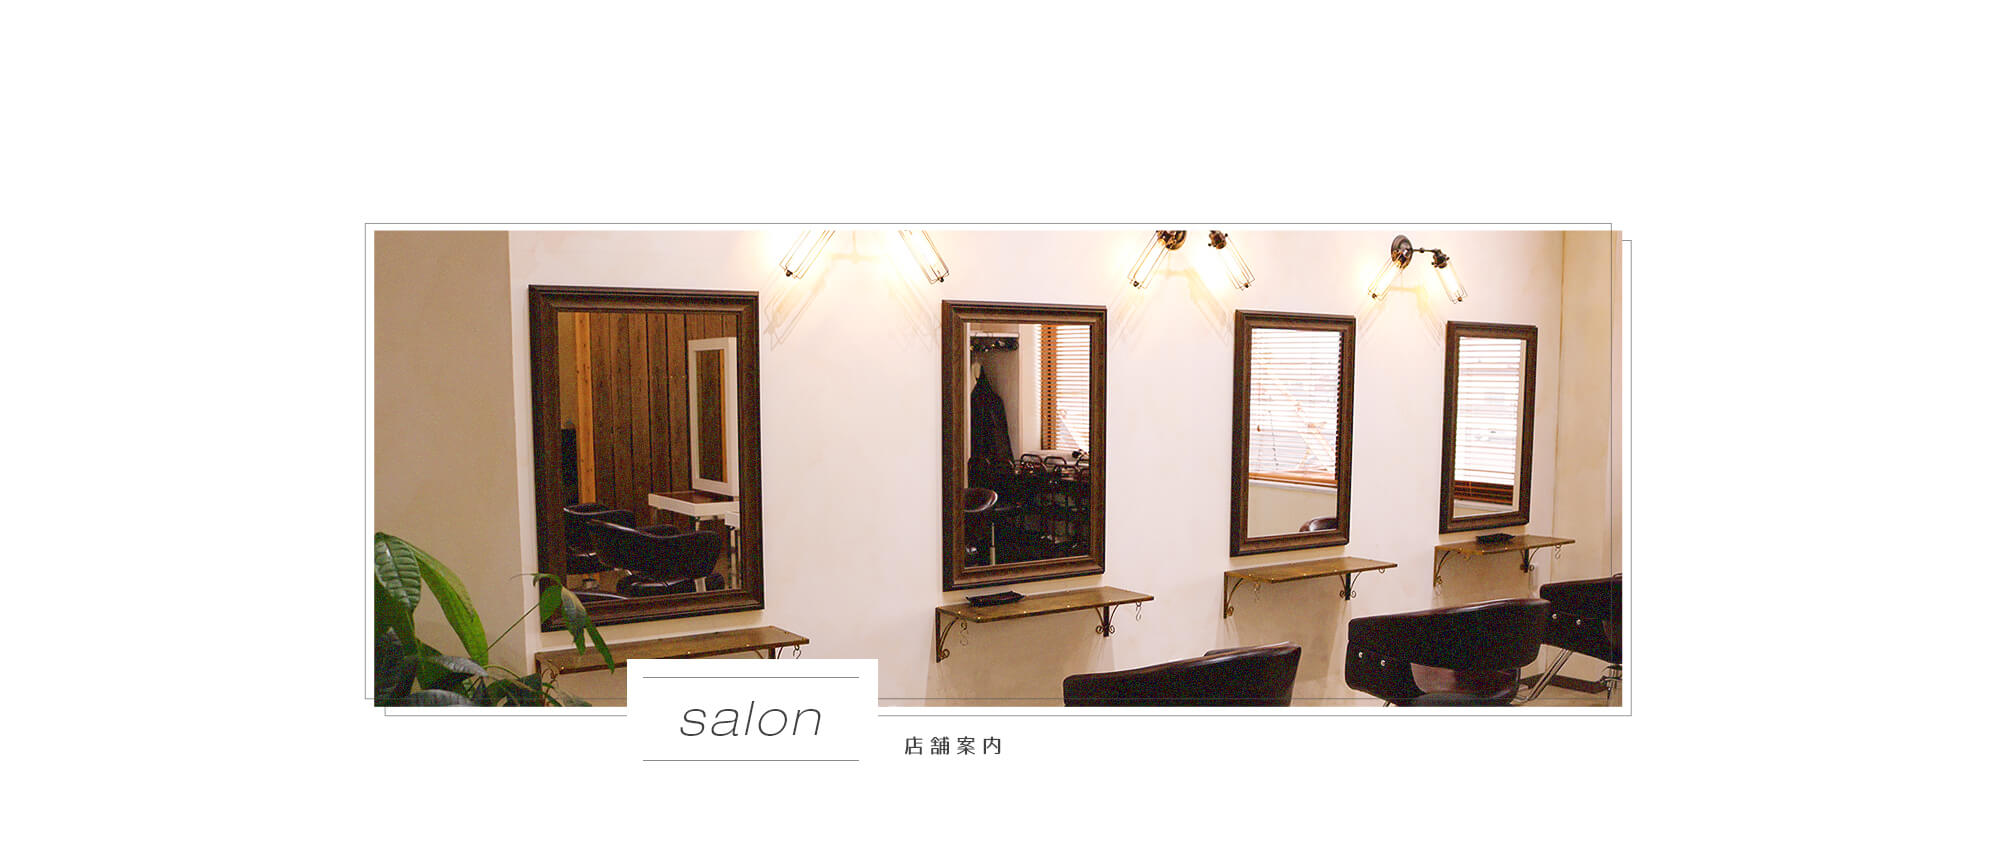 Salon(店舗案内)